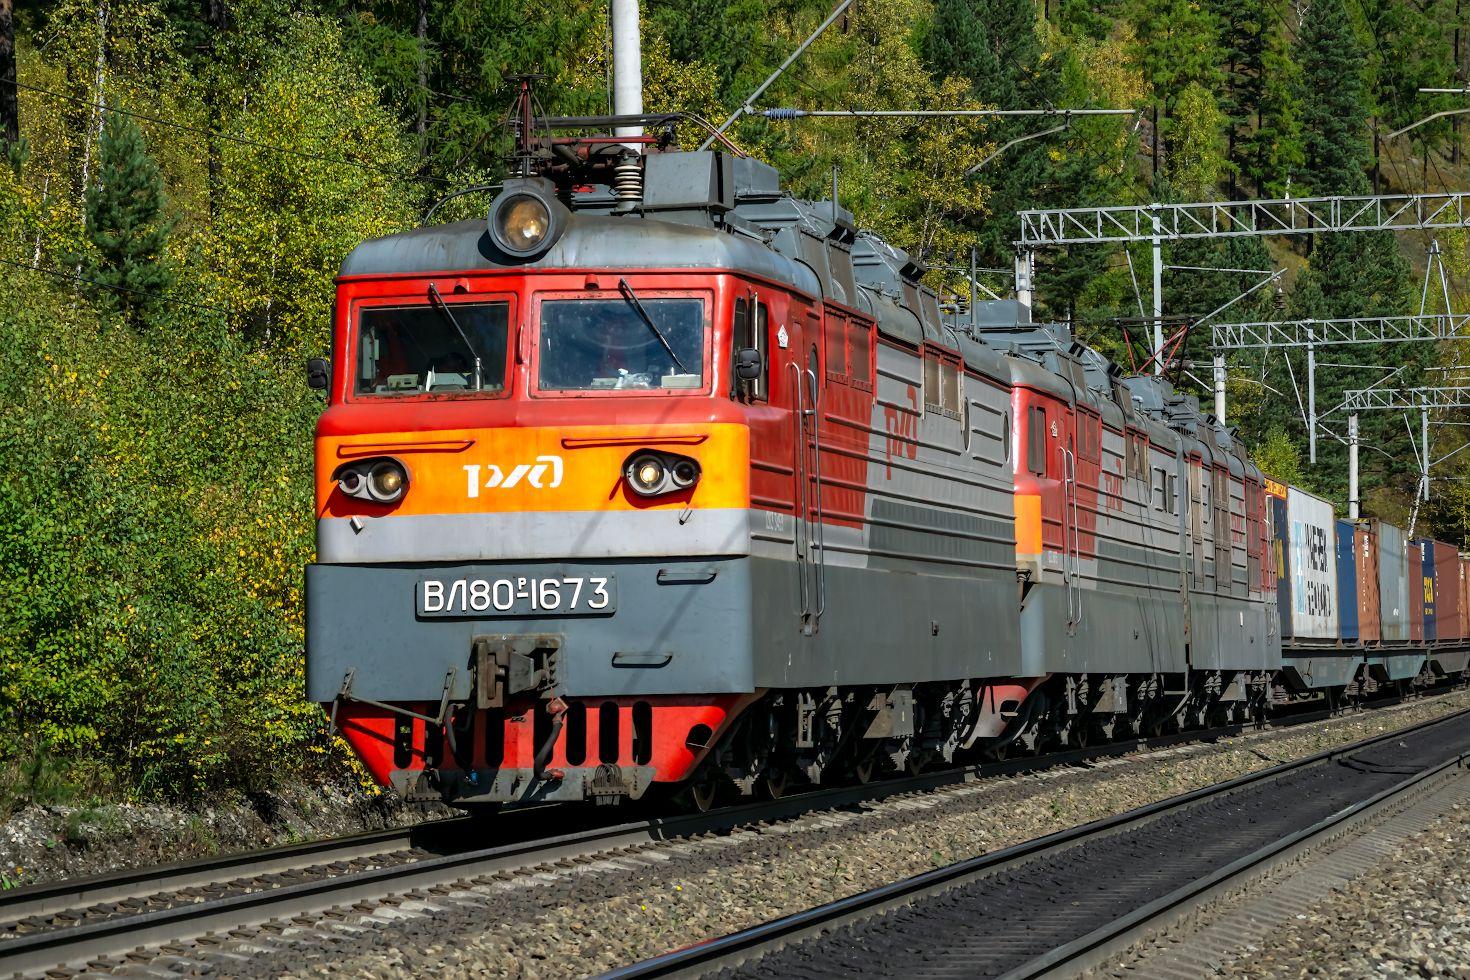 ВЛ80Р-1673 railway железная дорога locomotive локомотив электровоз поезд train Russia Siberia Irkutsk Россия Сибирь Иркутск споттинг spotting